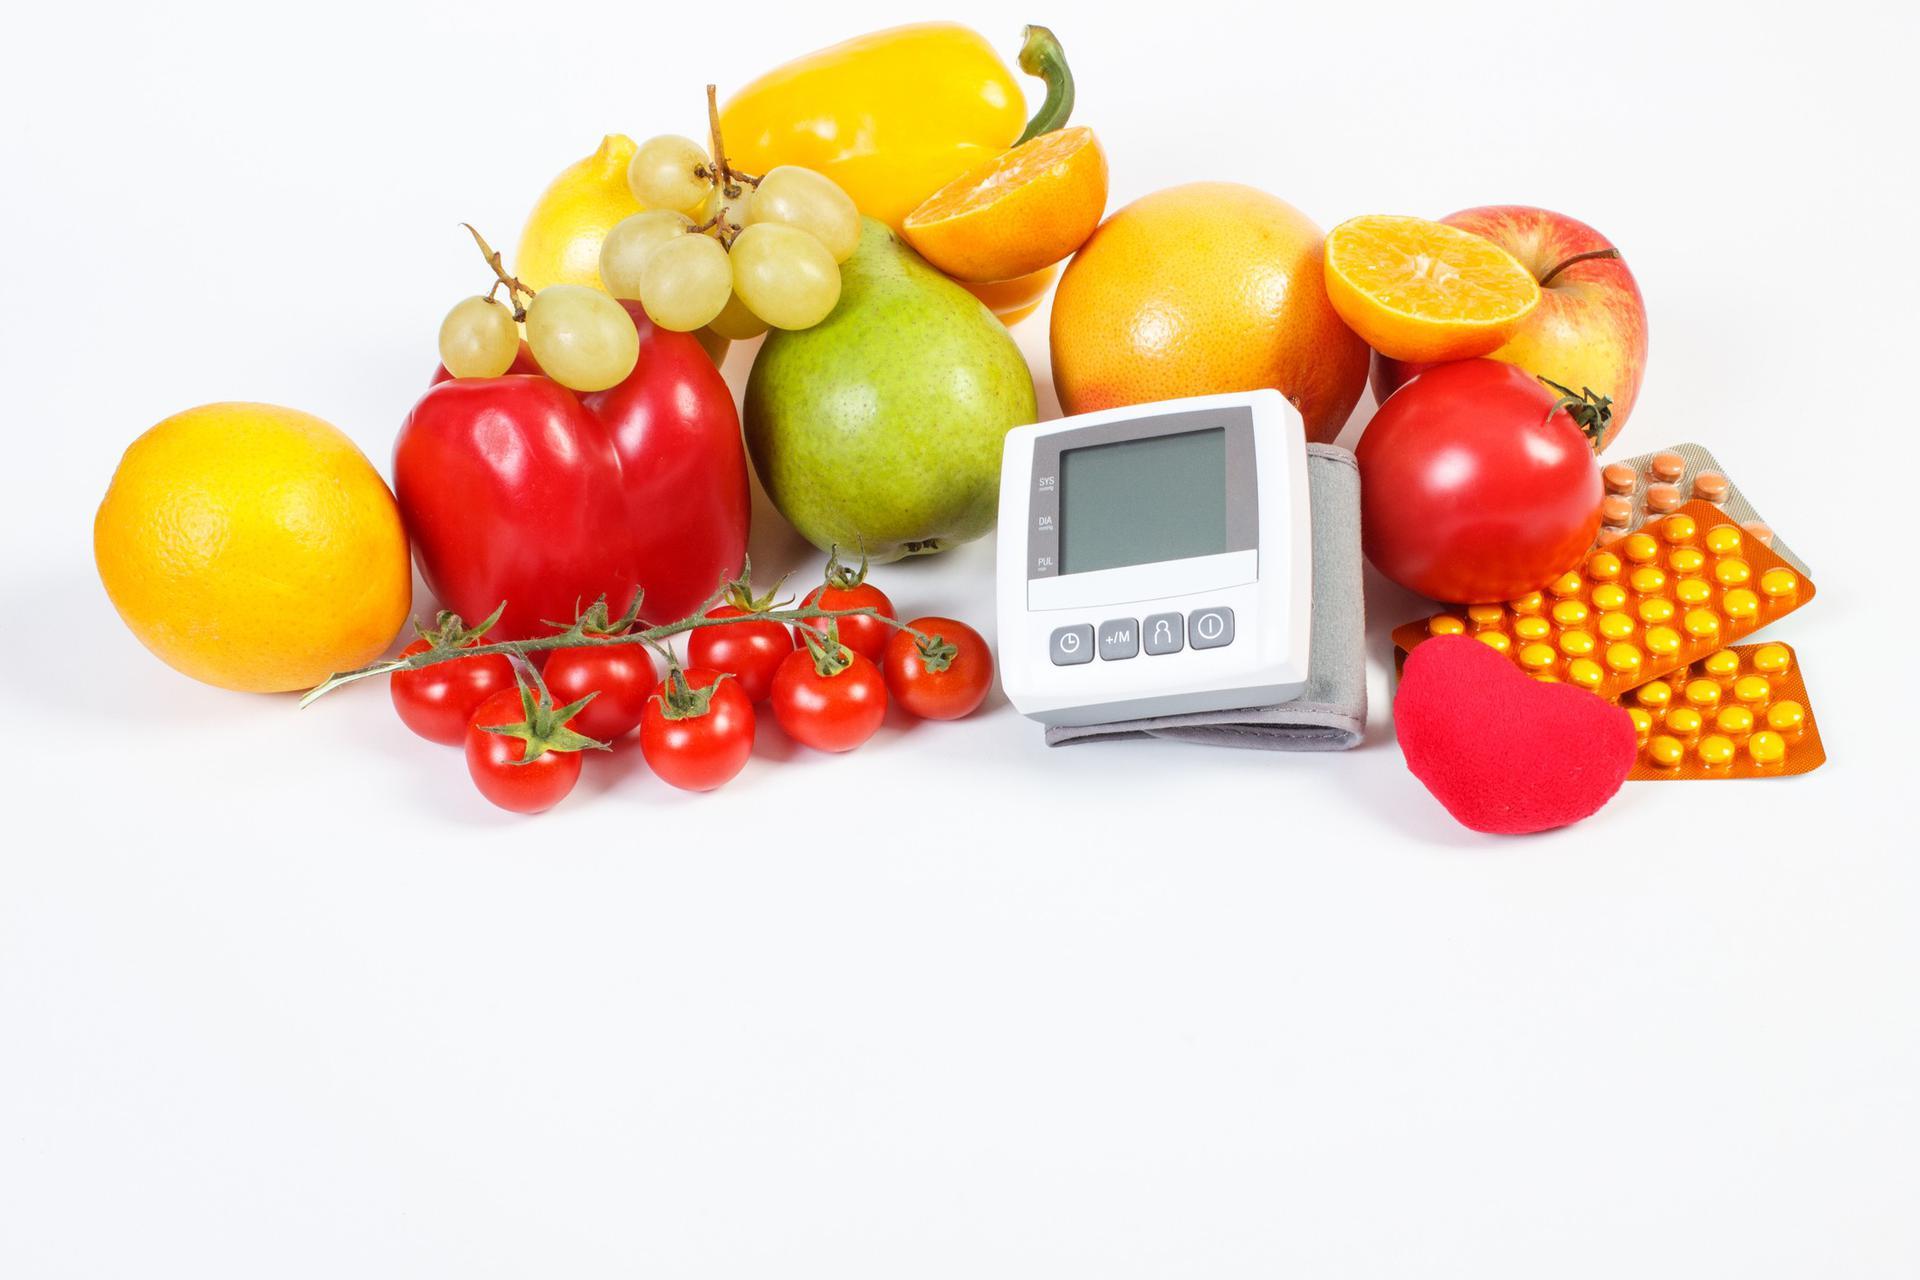 Dieta Na Nadcisnienie Tygodniowy Jadlospis Poradnikzdrowie Pl